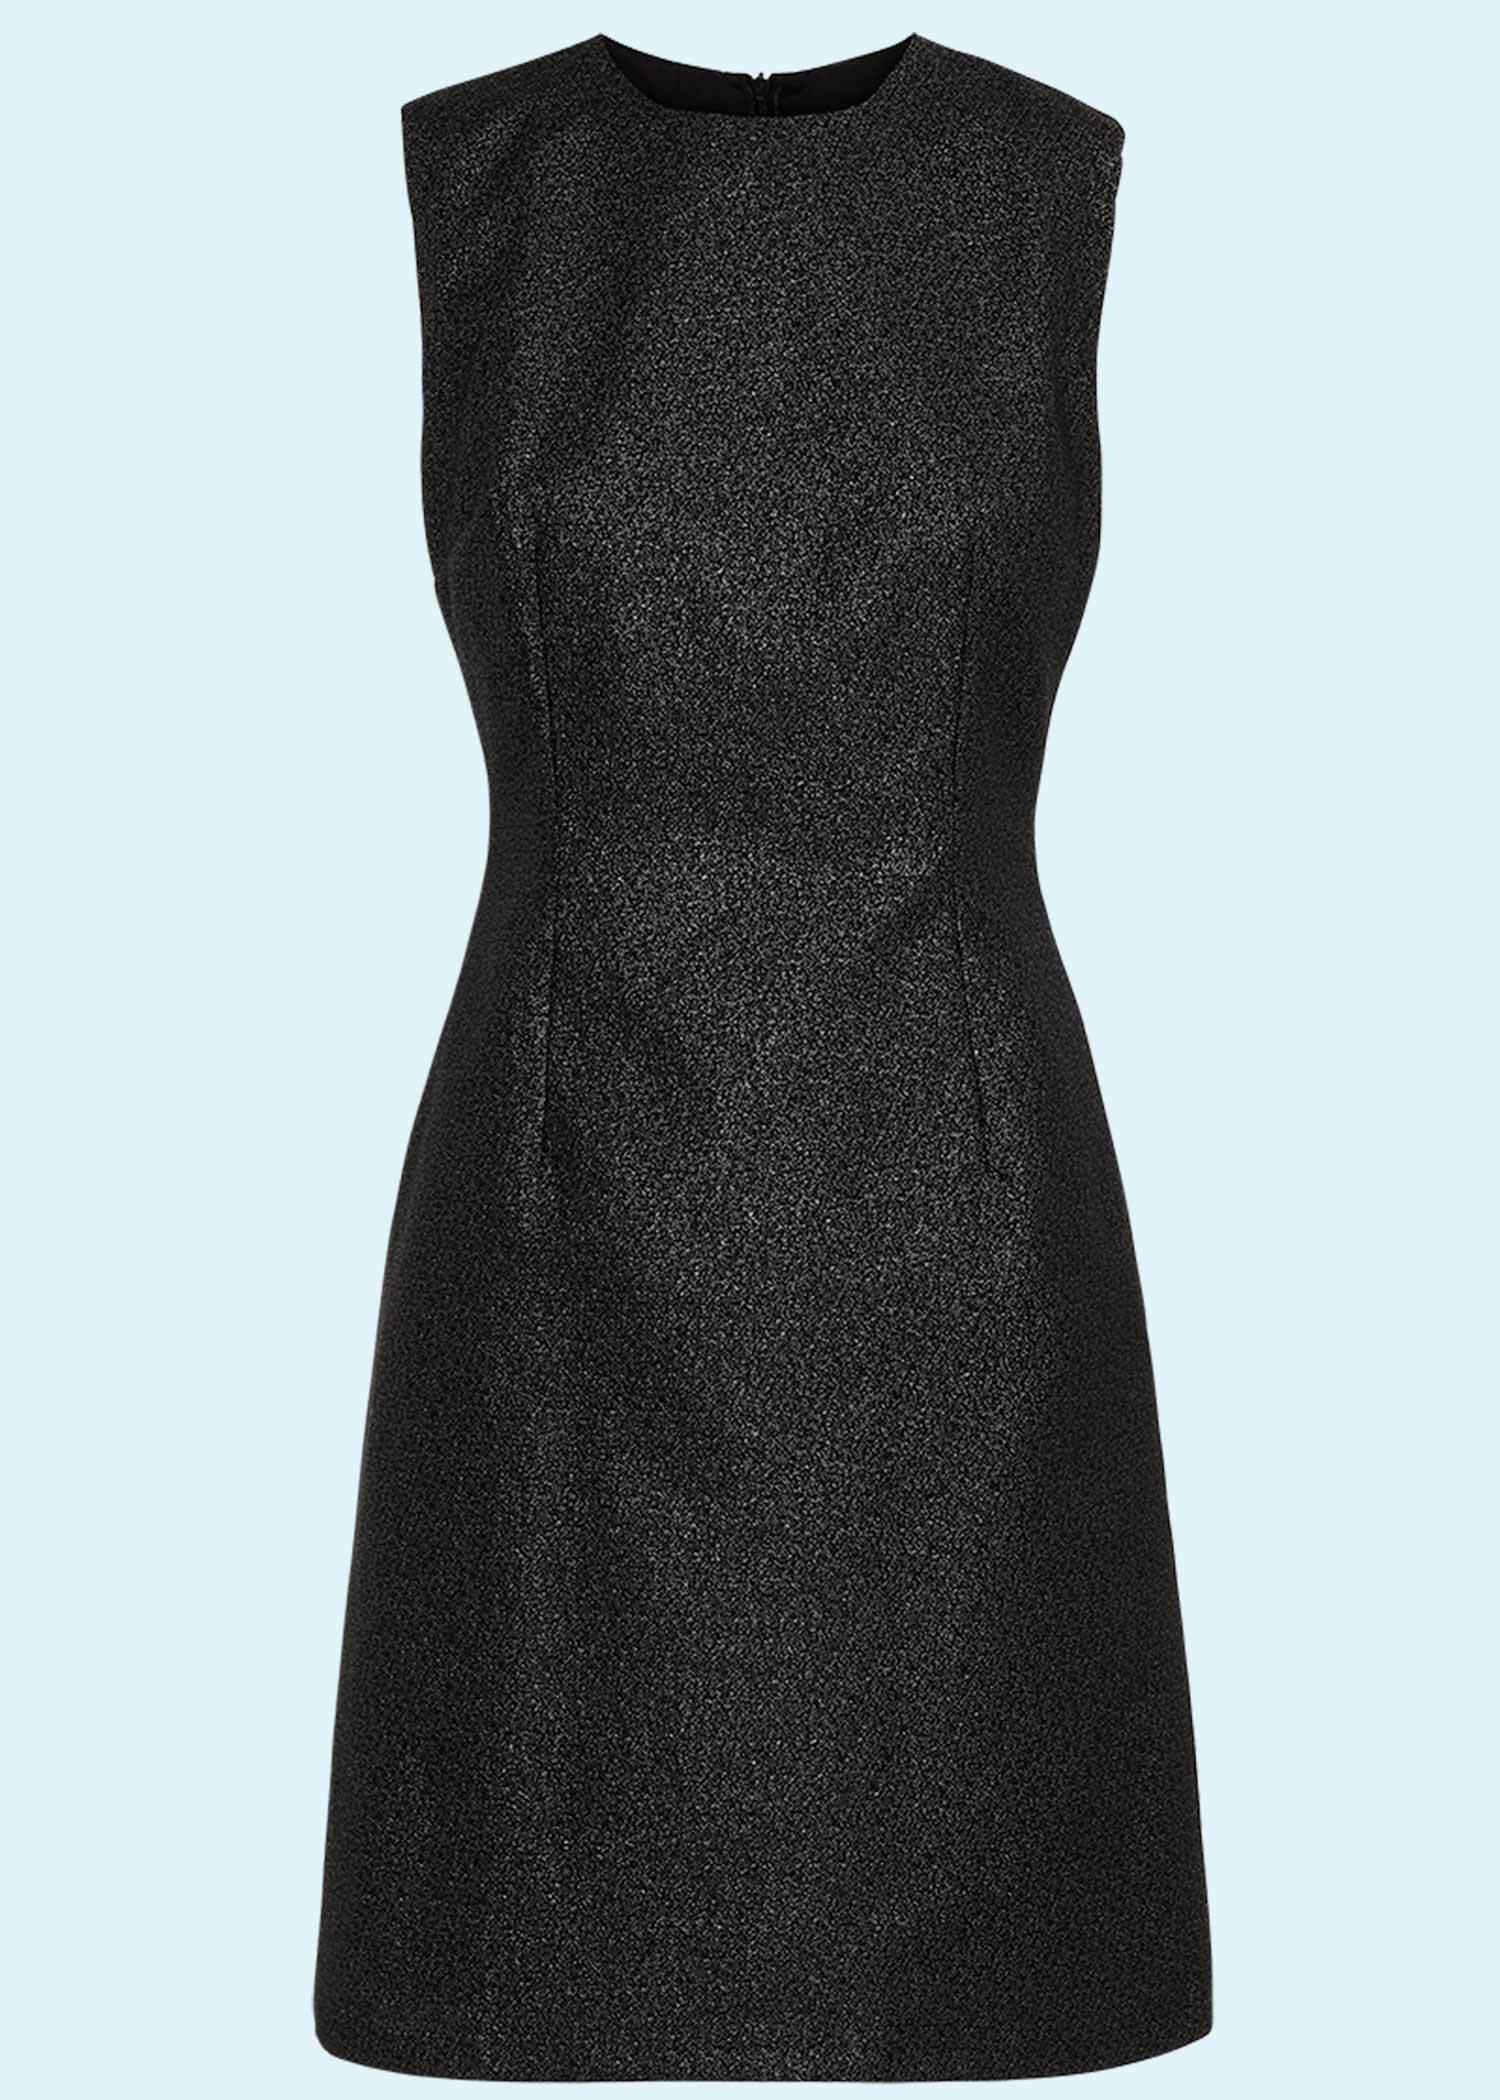 Mini dress in black glitter perfect cocktail dress